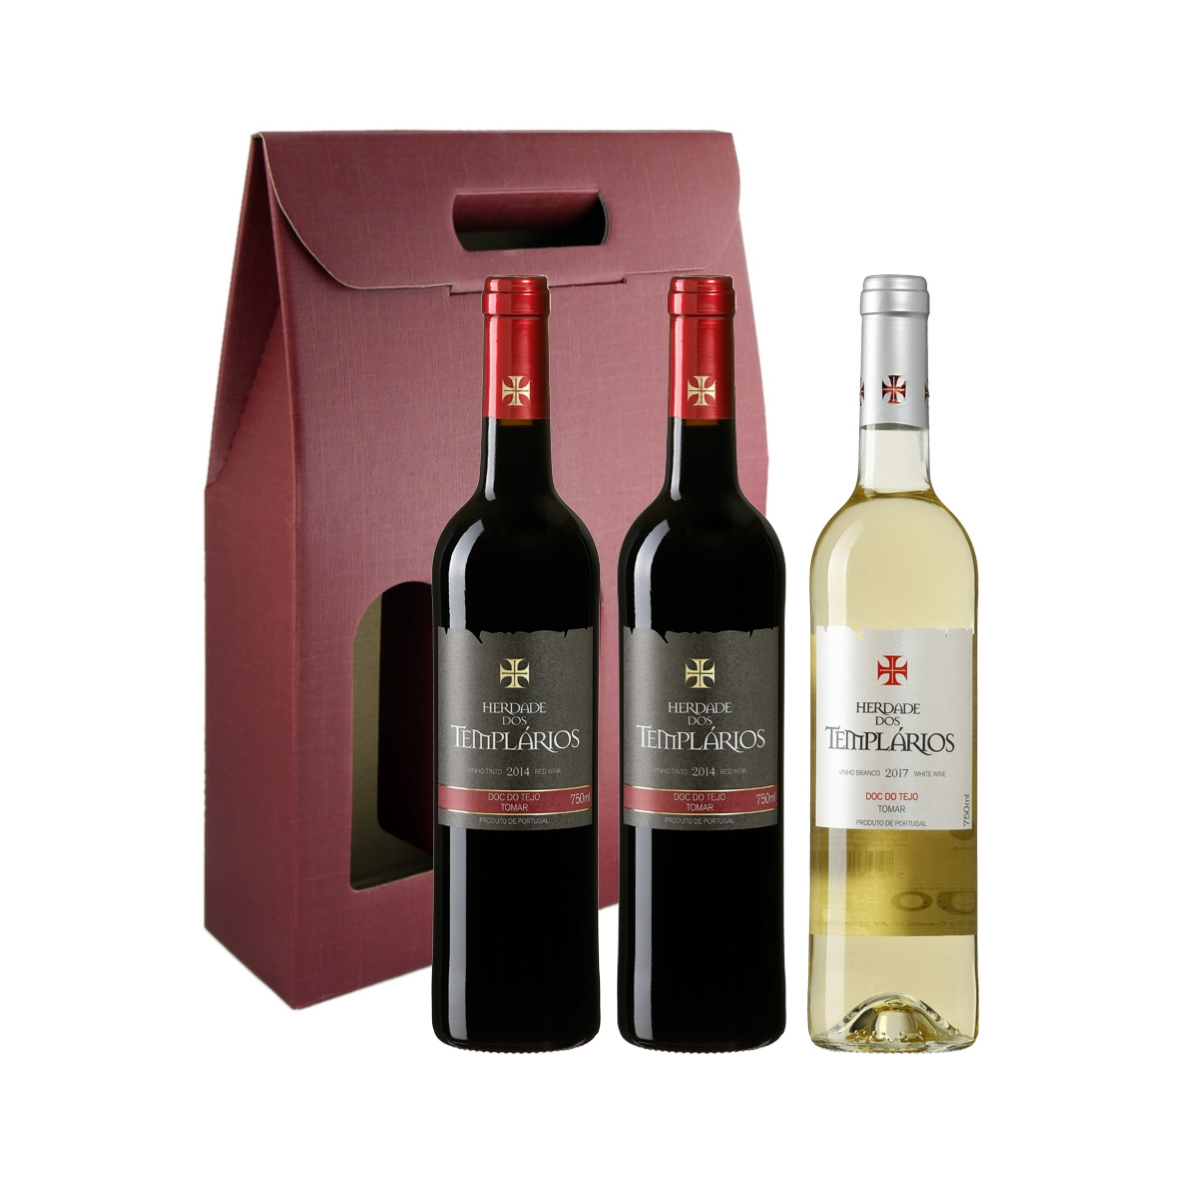 Caixa cartão com 3 vinhos